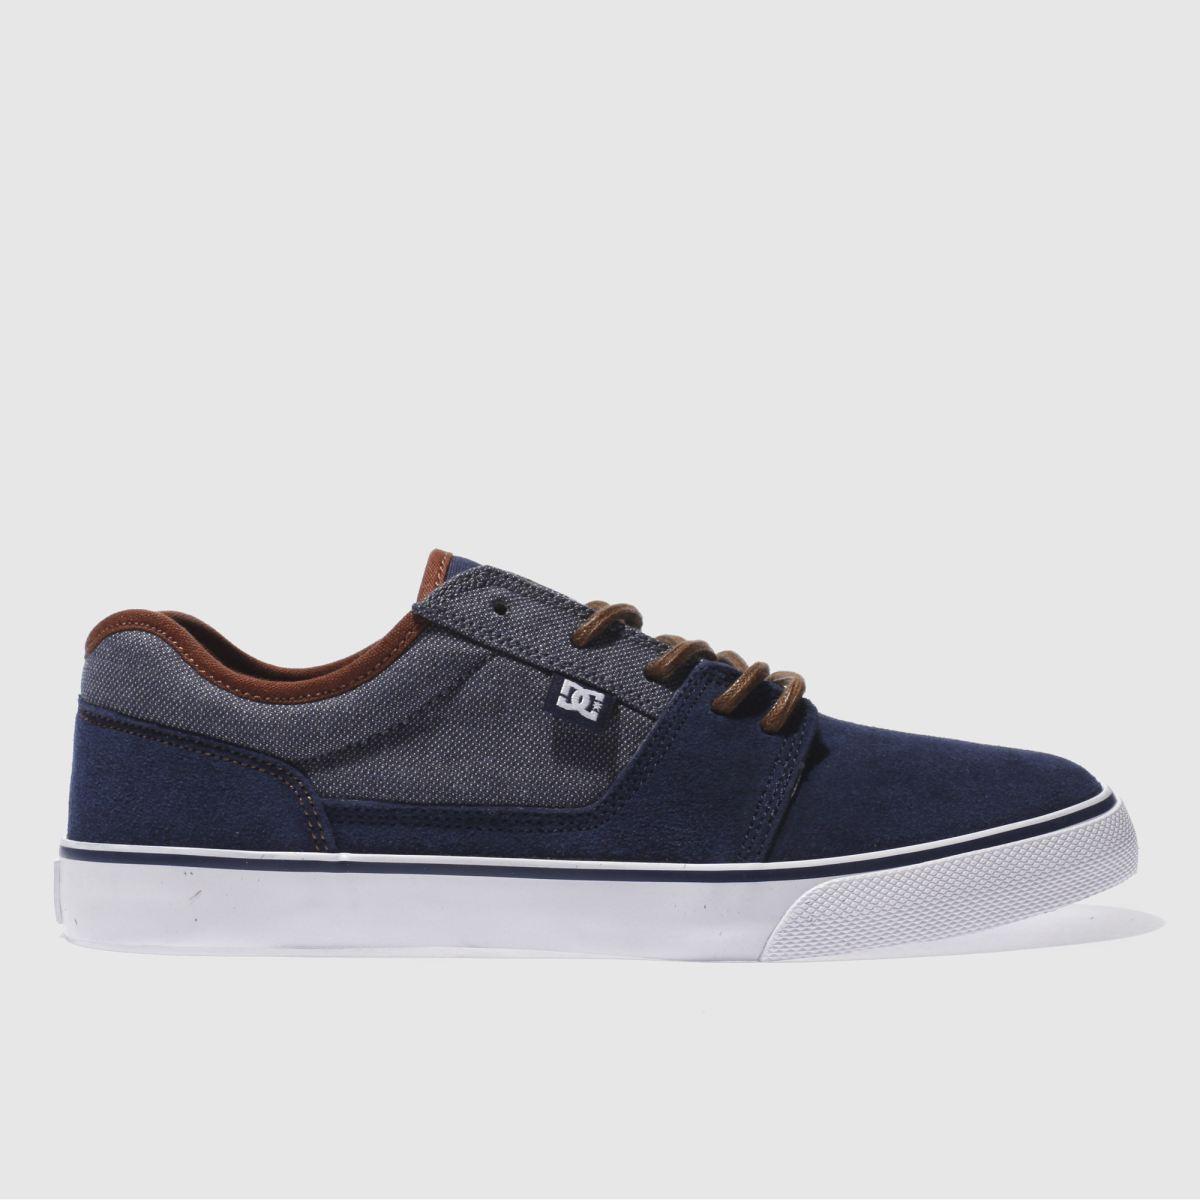 dc shoes Dc Shoes Navy Tonik Se Trainers